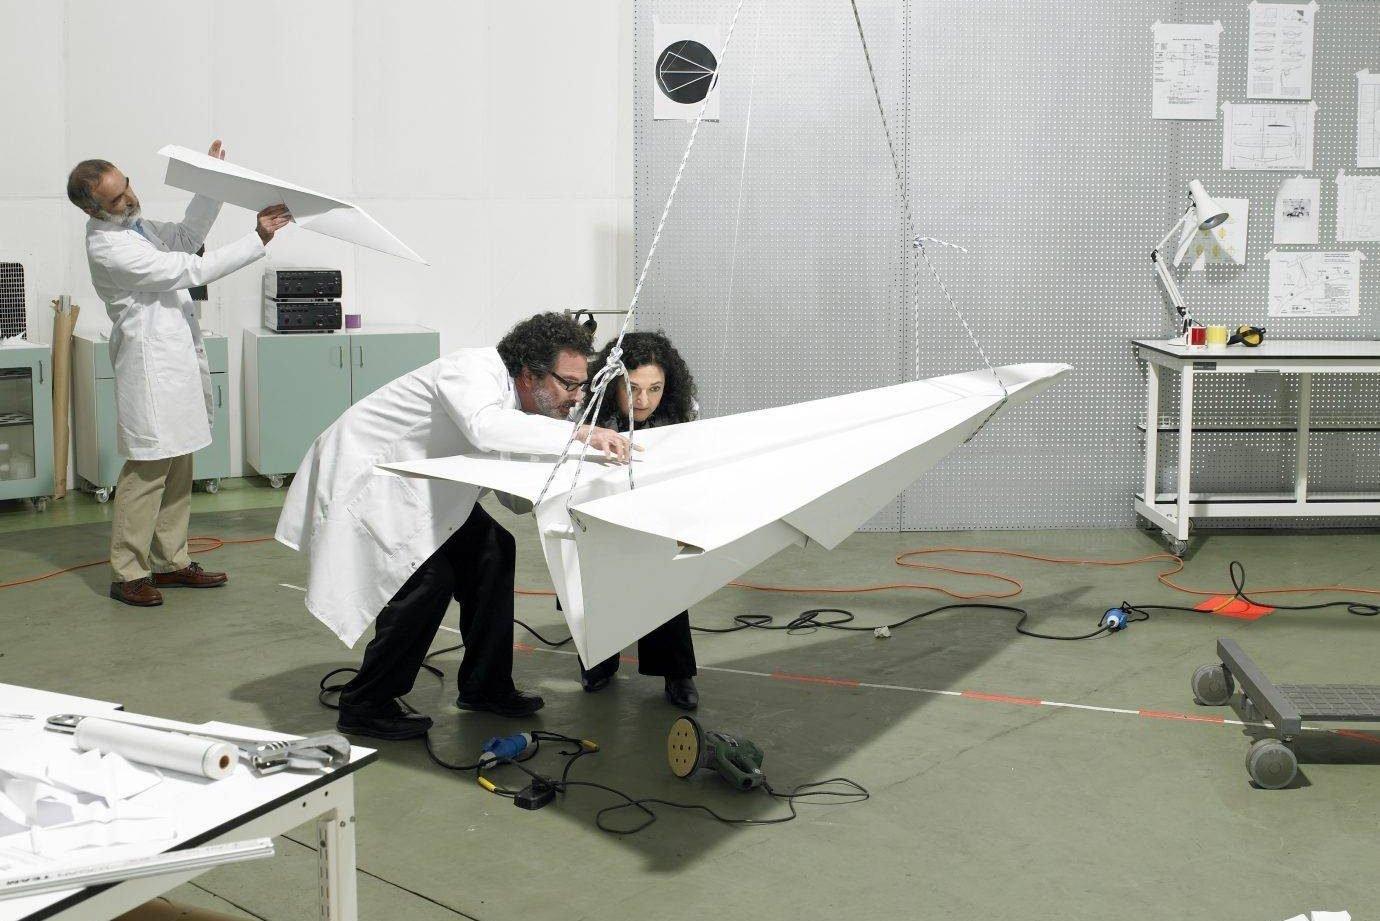 Pessoas construindo avião em laboratória: invenção, ideia, inovação